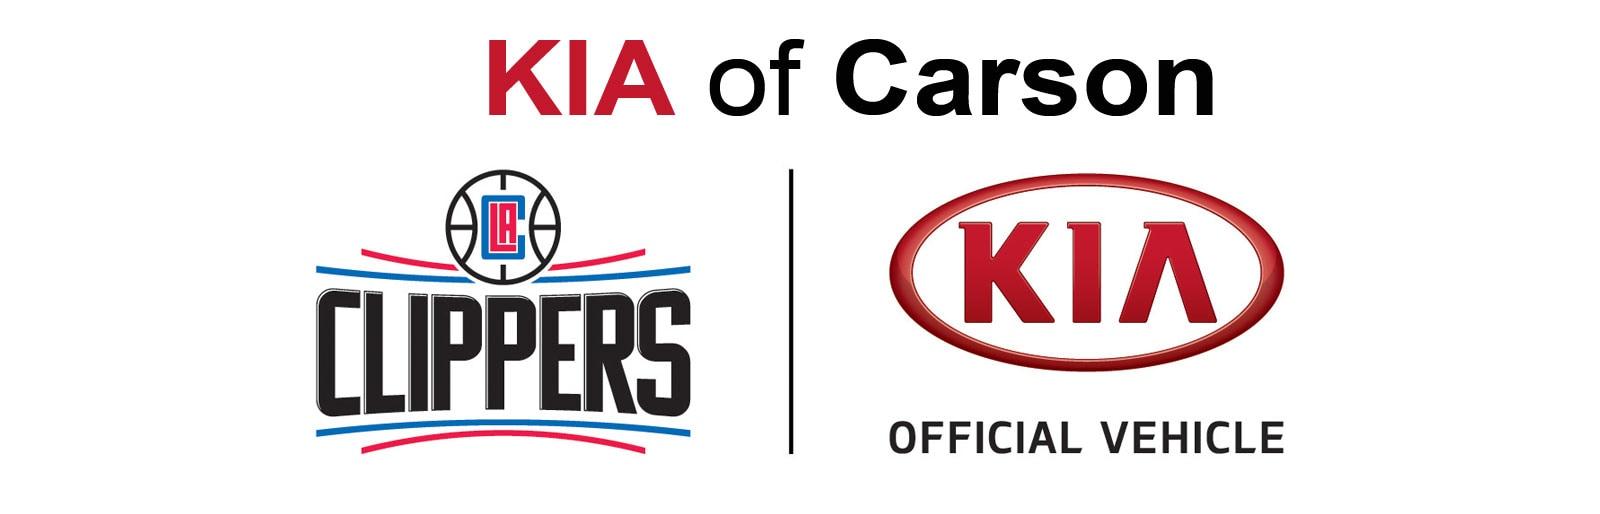 Kia Of Carson Kia Dealership In Carson Ca